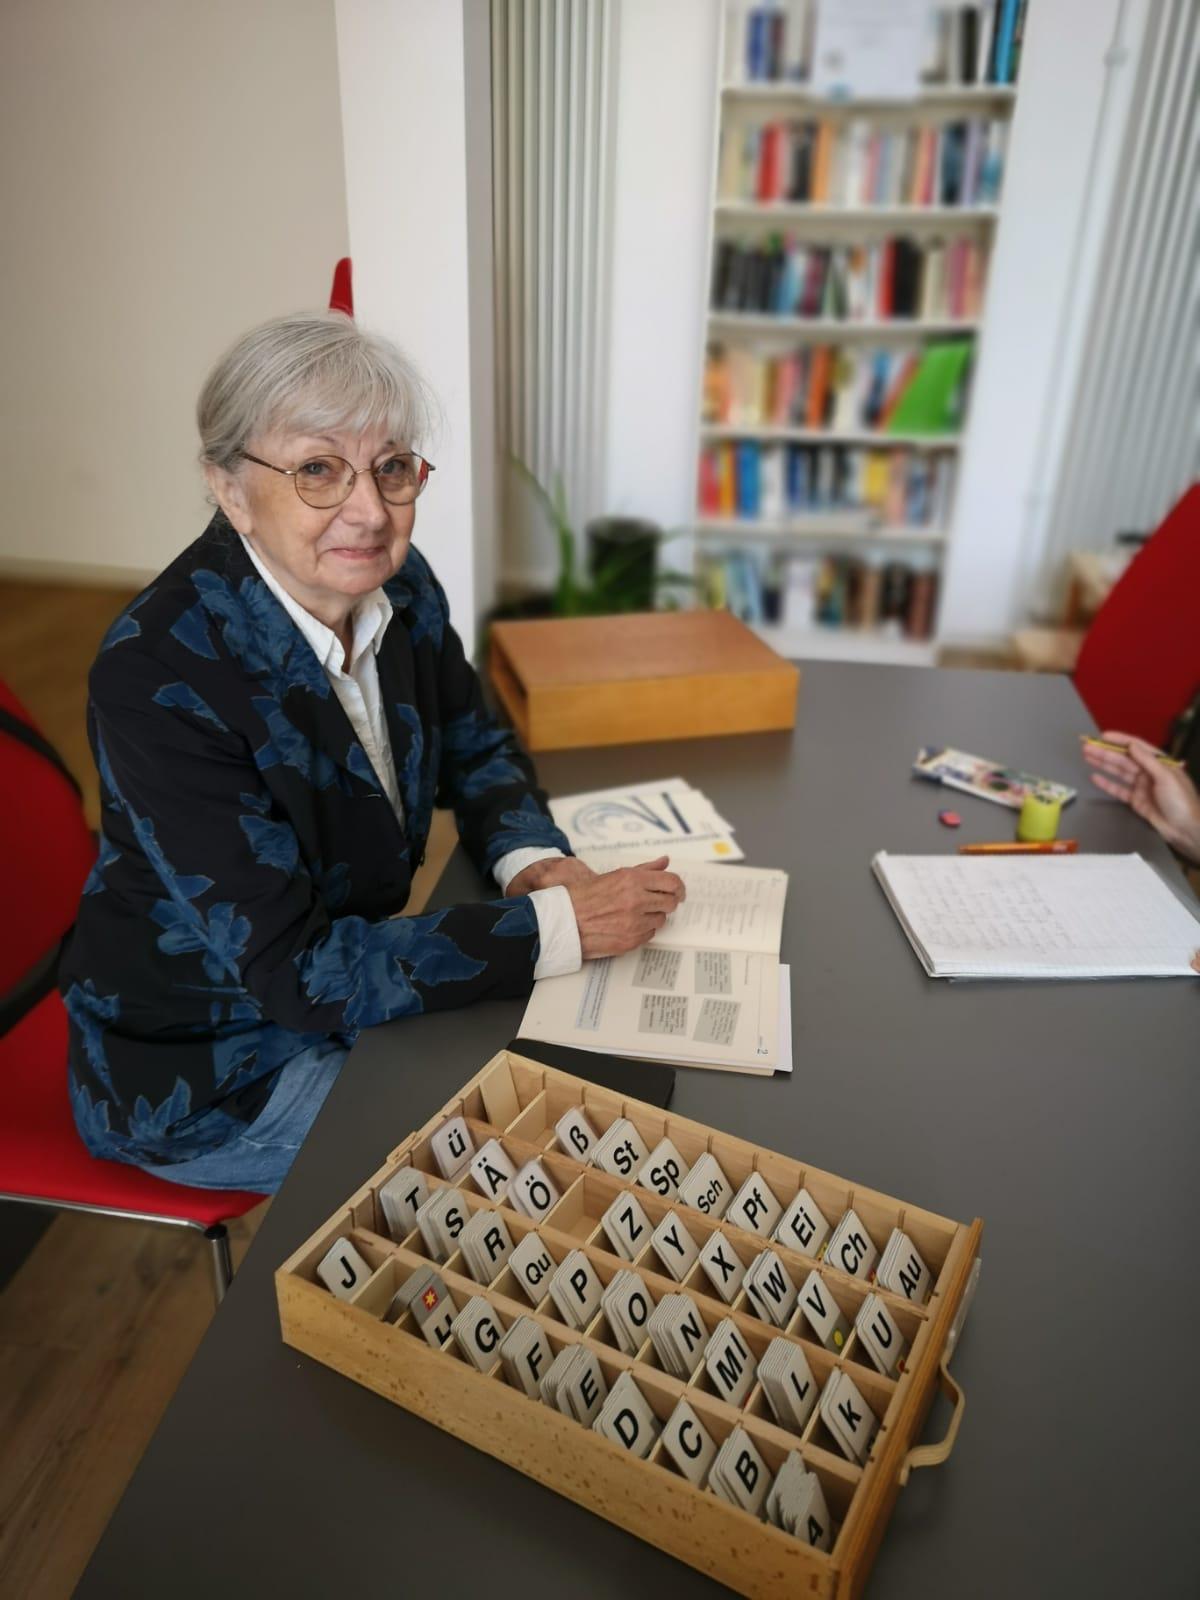 Frau mit grauen Haaren, Brille und blauem Blazer sitzt an einem Tisch, auf dem ein Kasten mit Buchstabenplatten steht